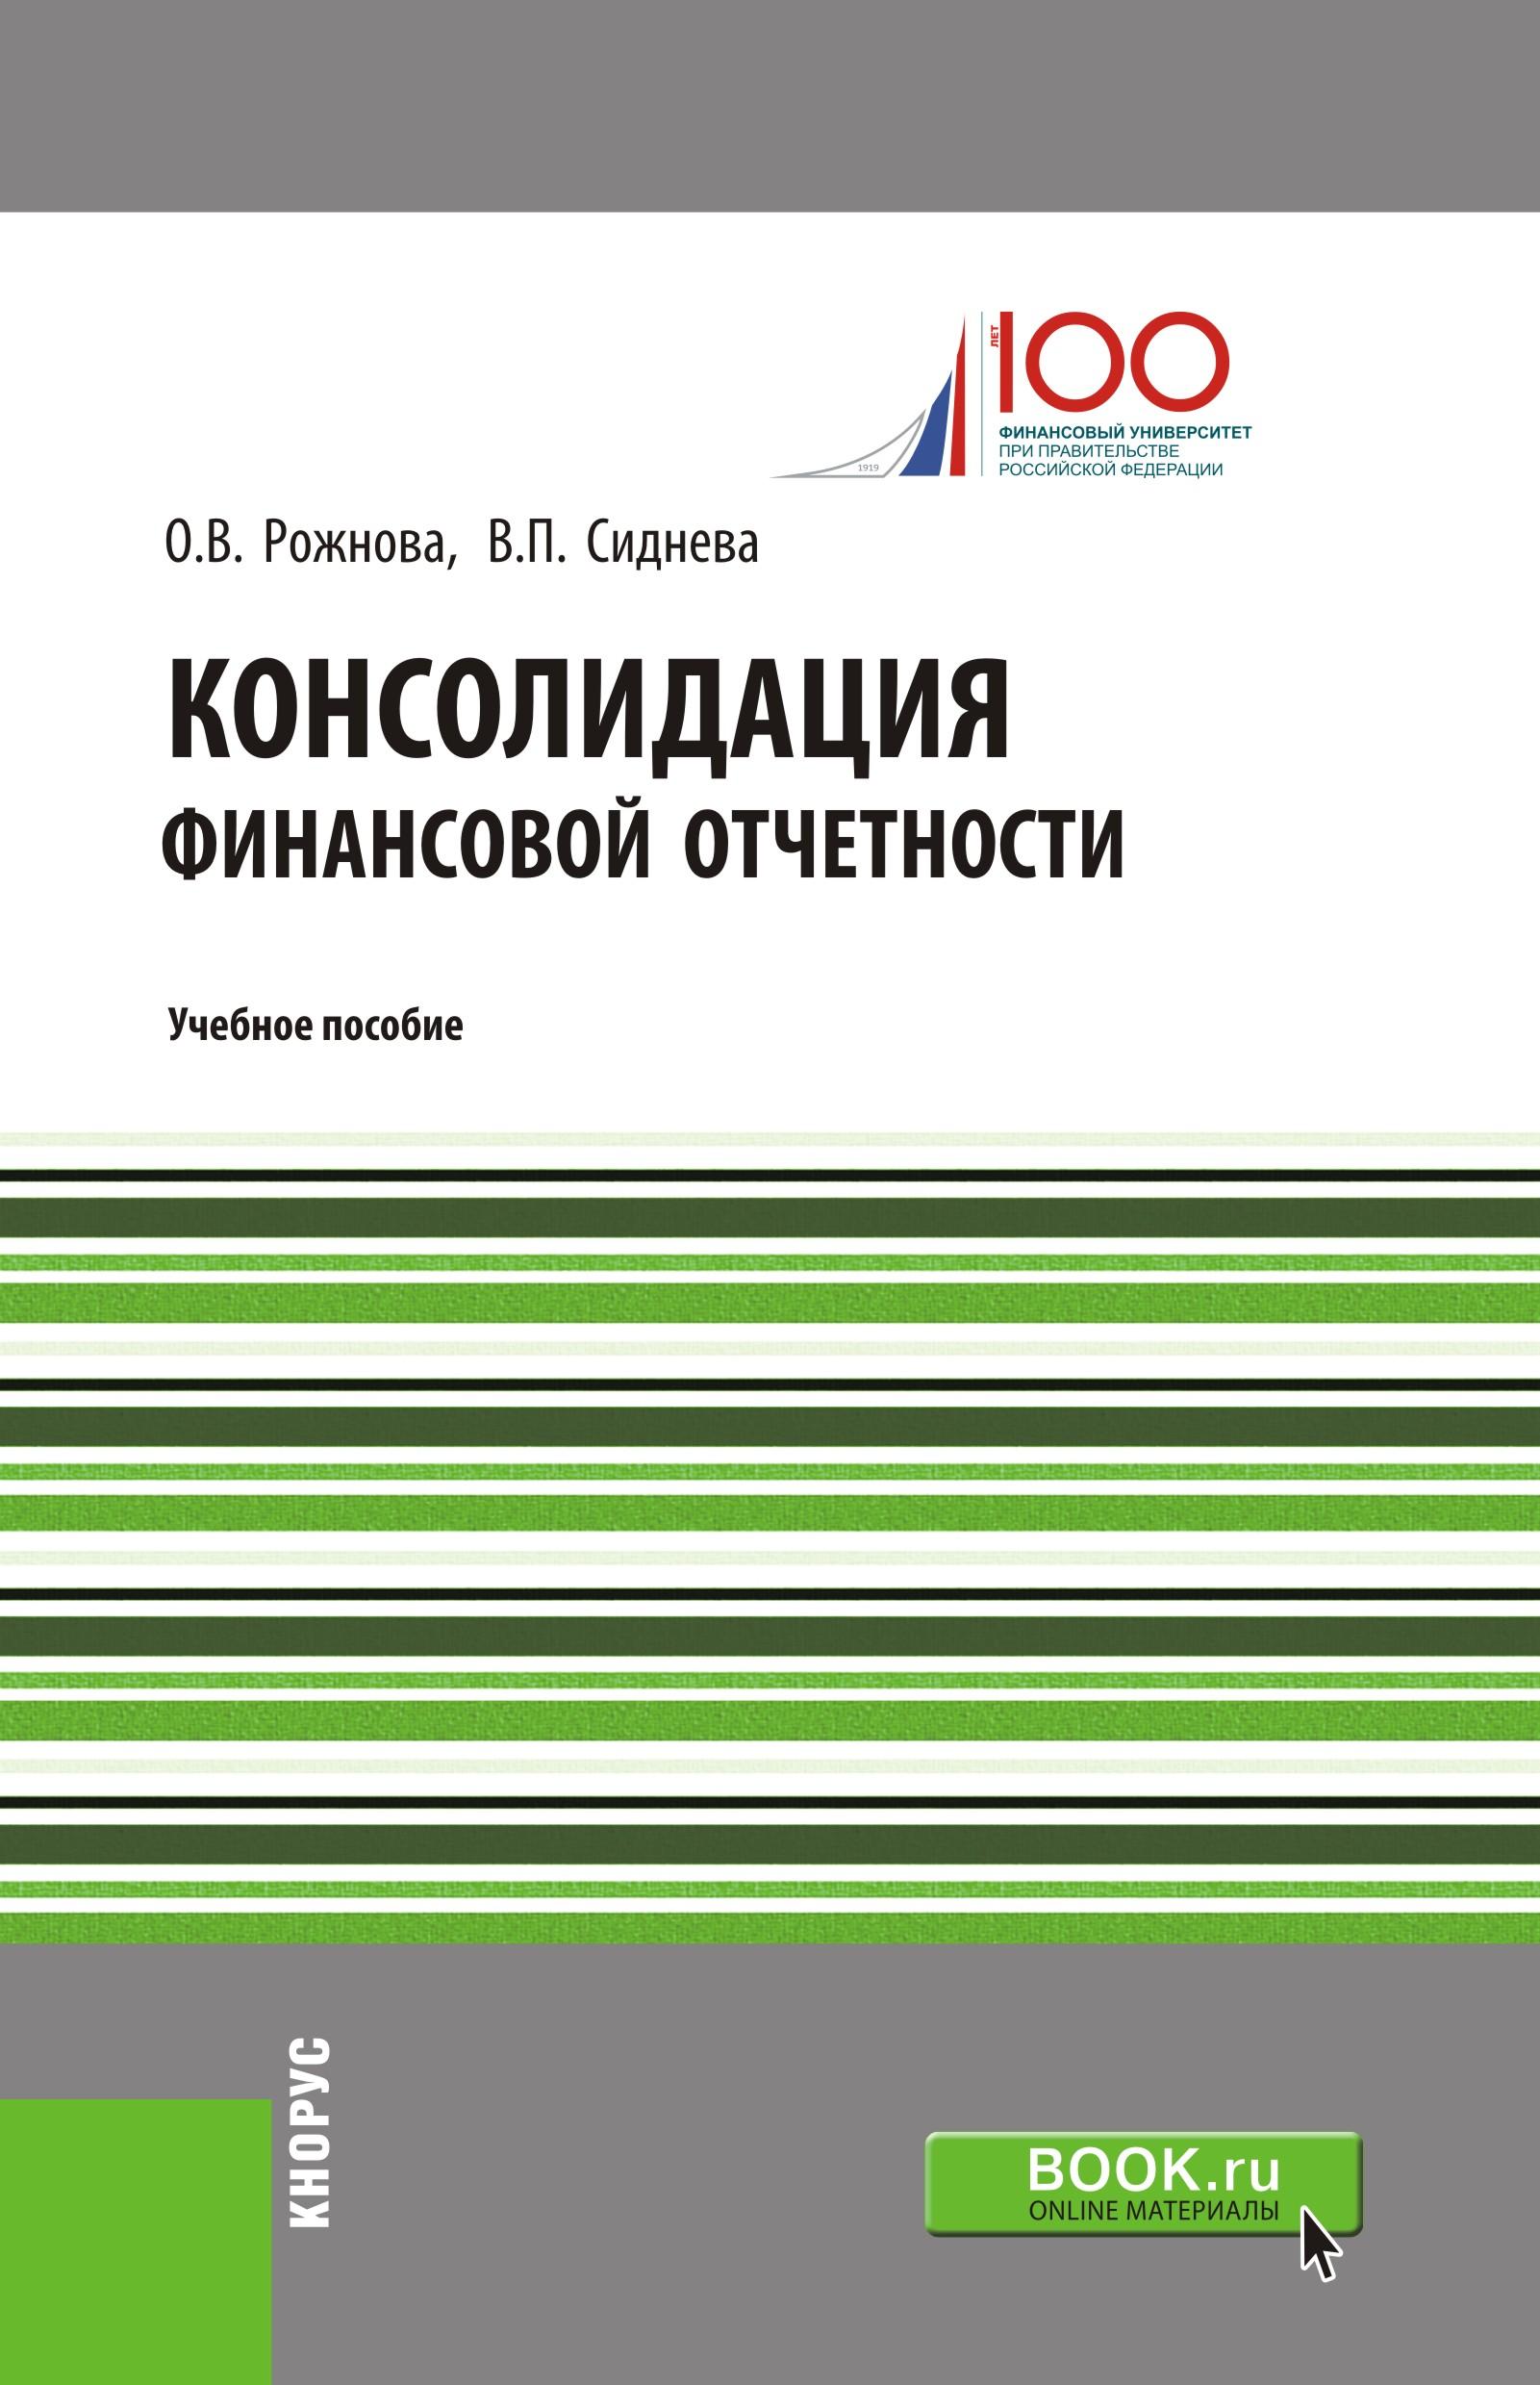 Консолидация финансовой отчетности. Учебное пособие